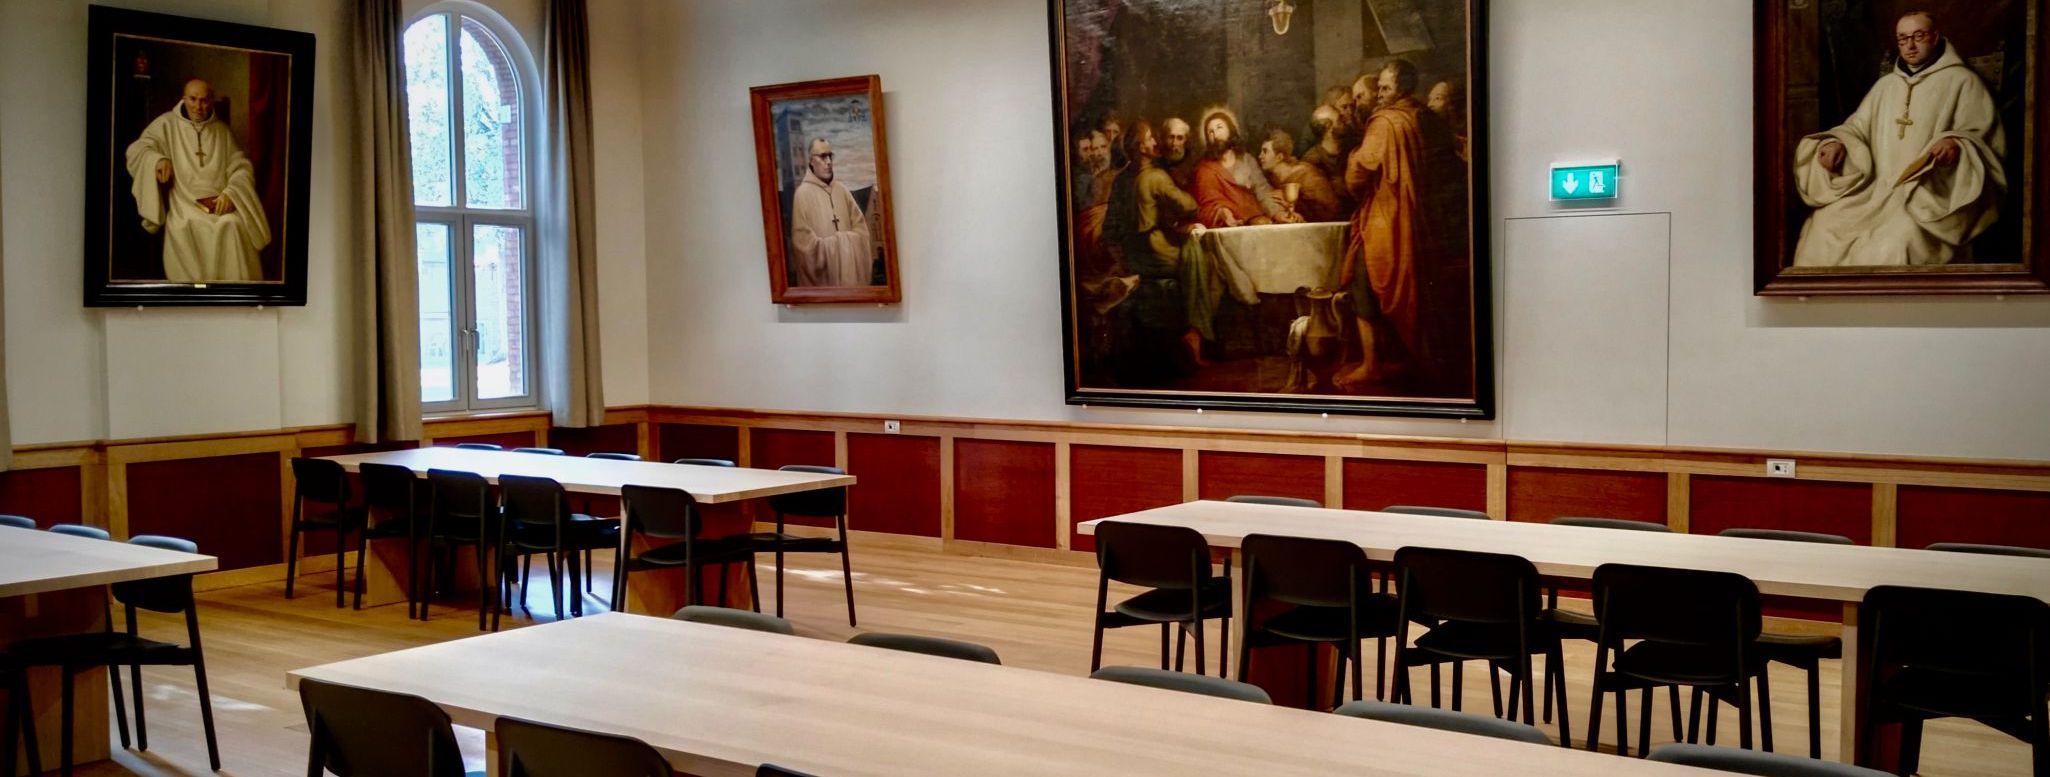 Le grand réfectoire de l'hôtellerie avec les portraits des pères abbé de l'abbaye de Westmalle